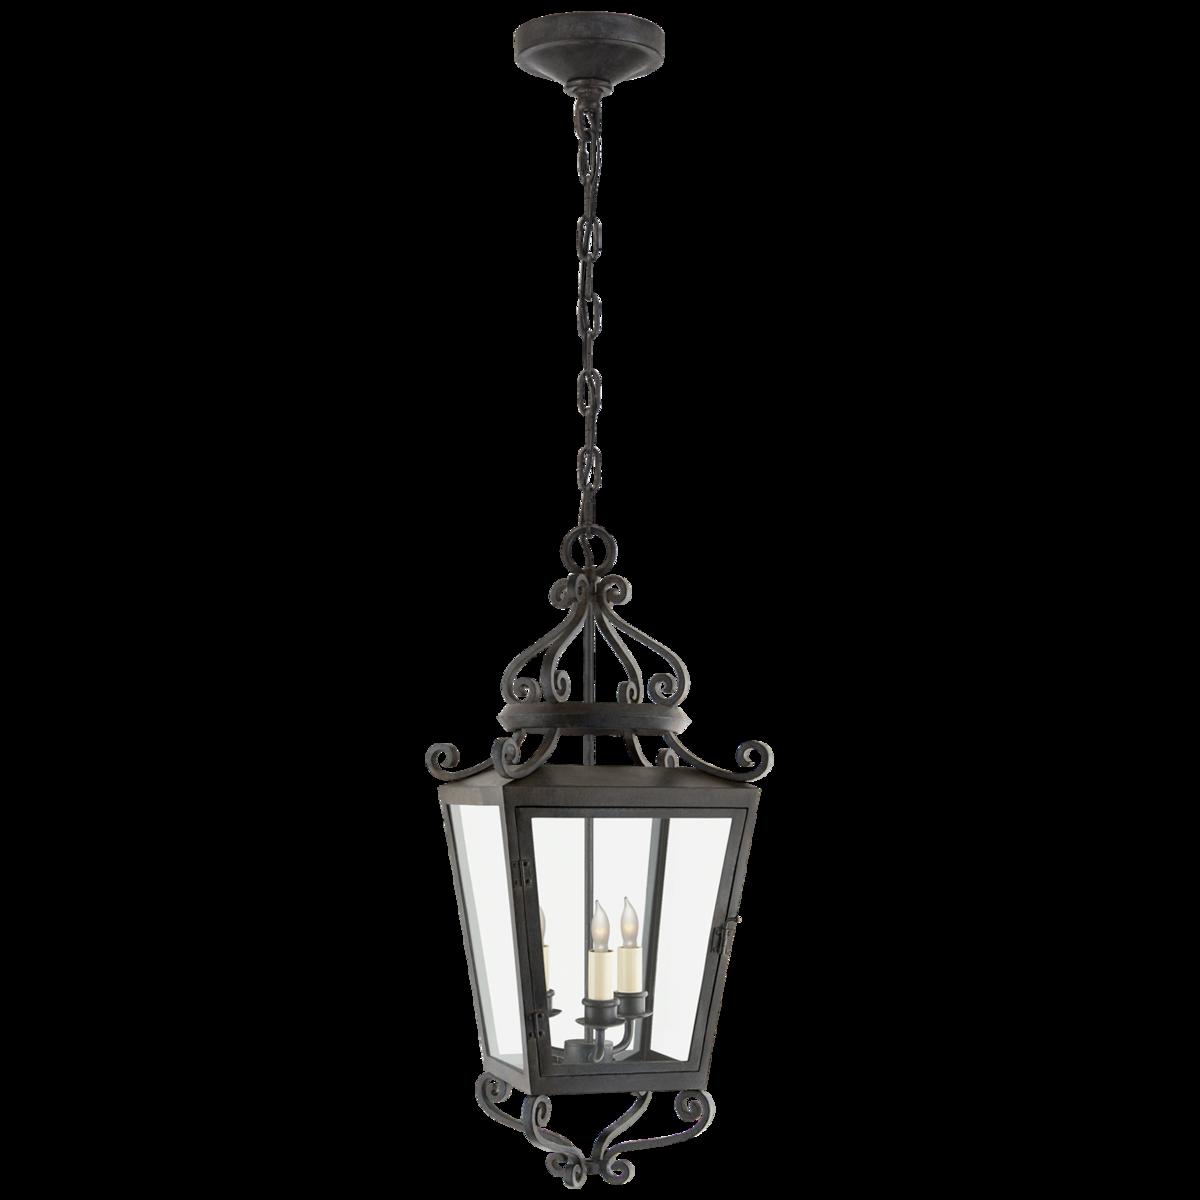 Lafayette Medium Hanging Lantern